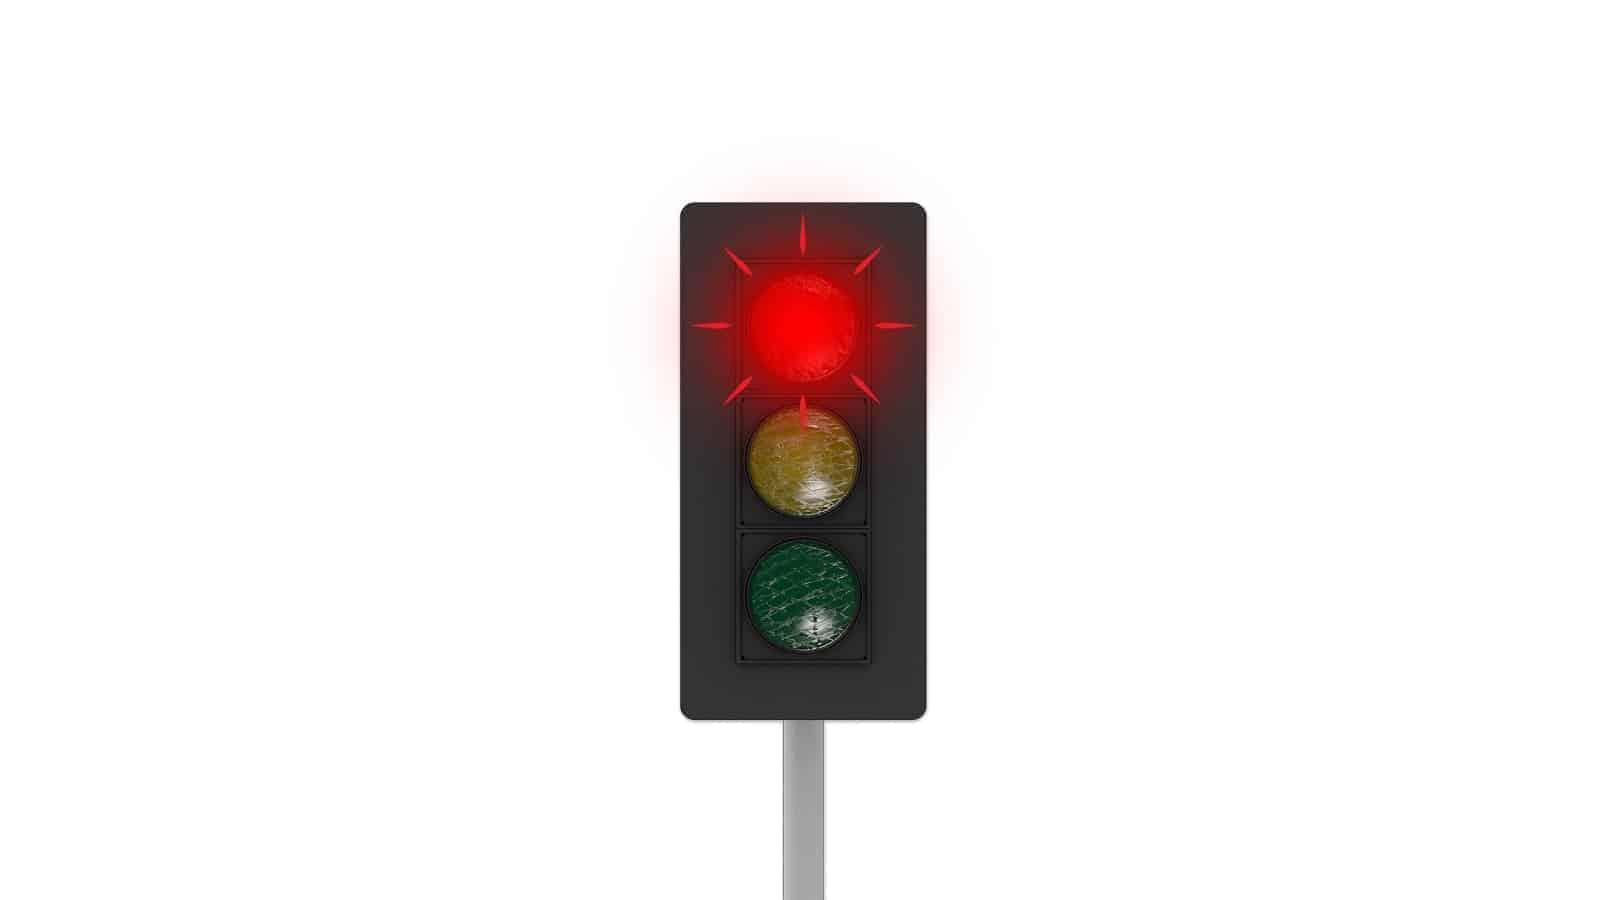 Red flashing traffic light